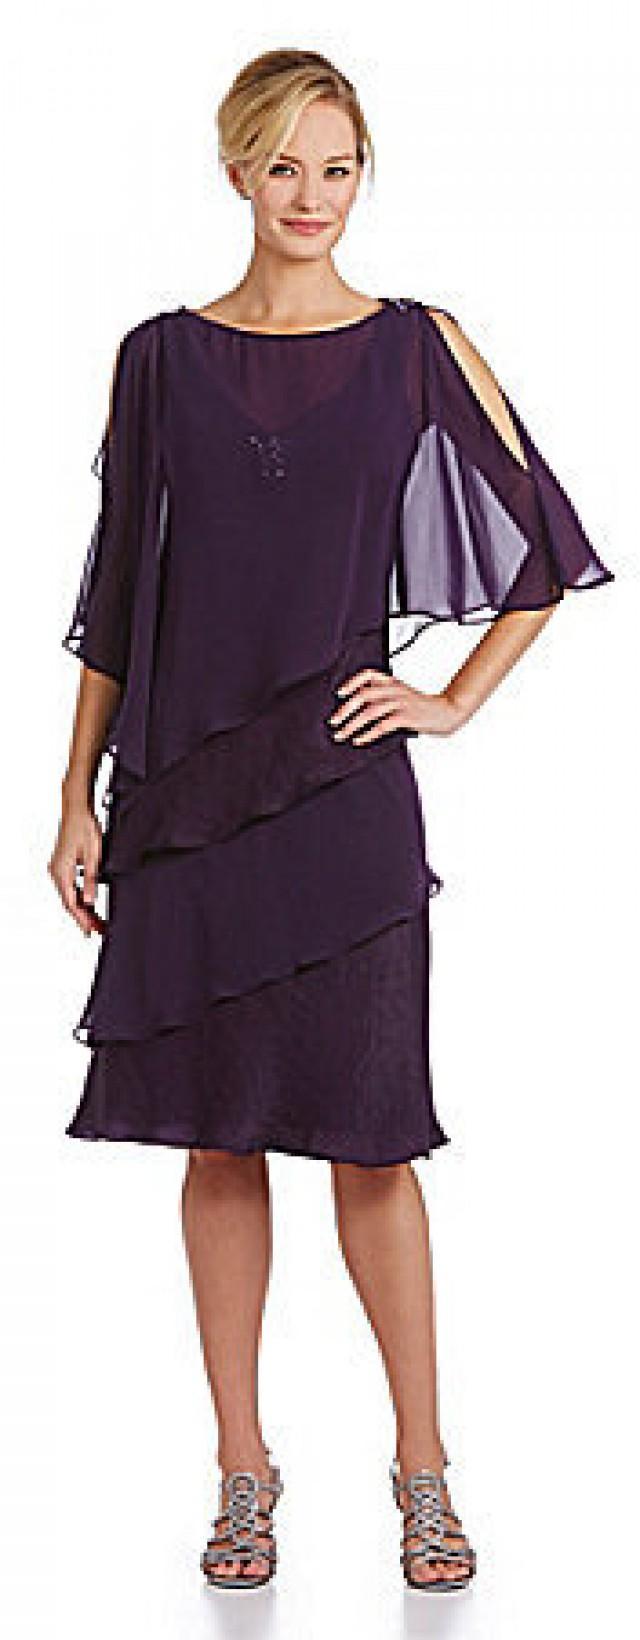 Sl sl fashion dresses -